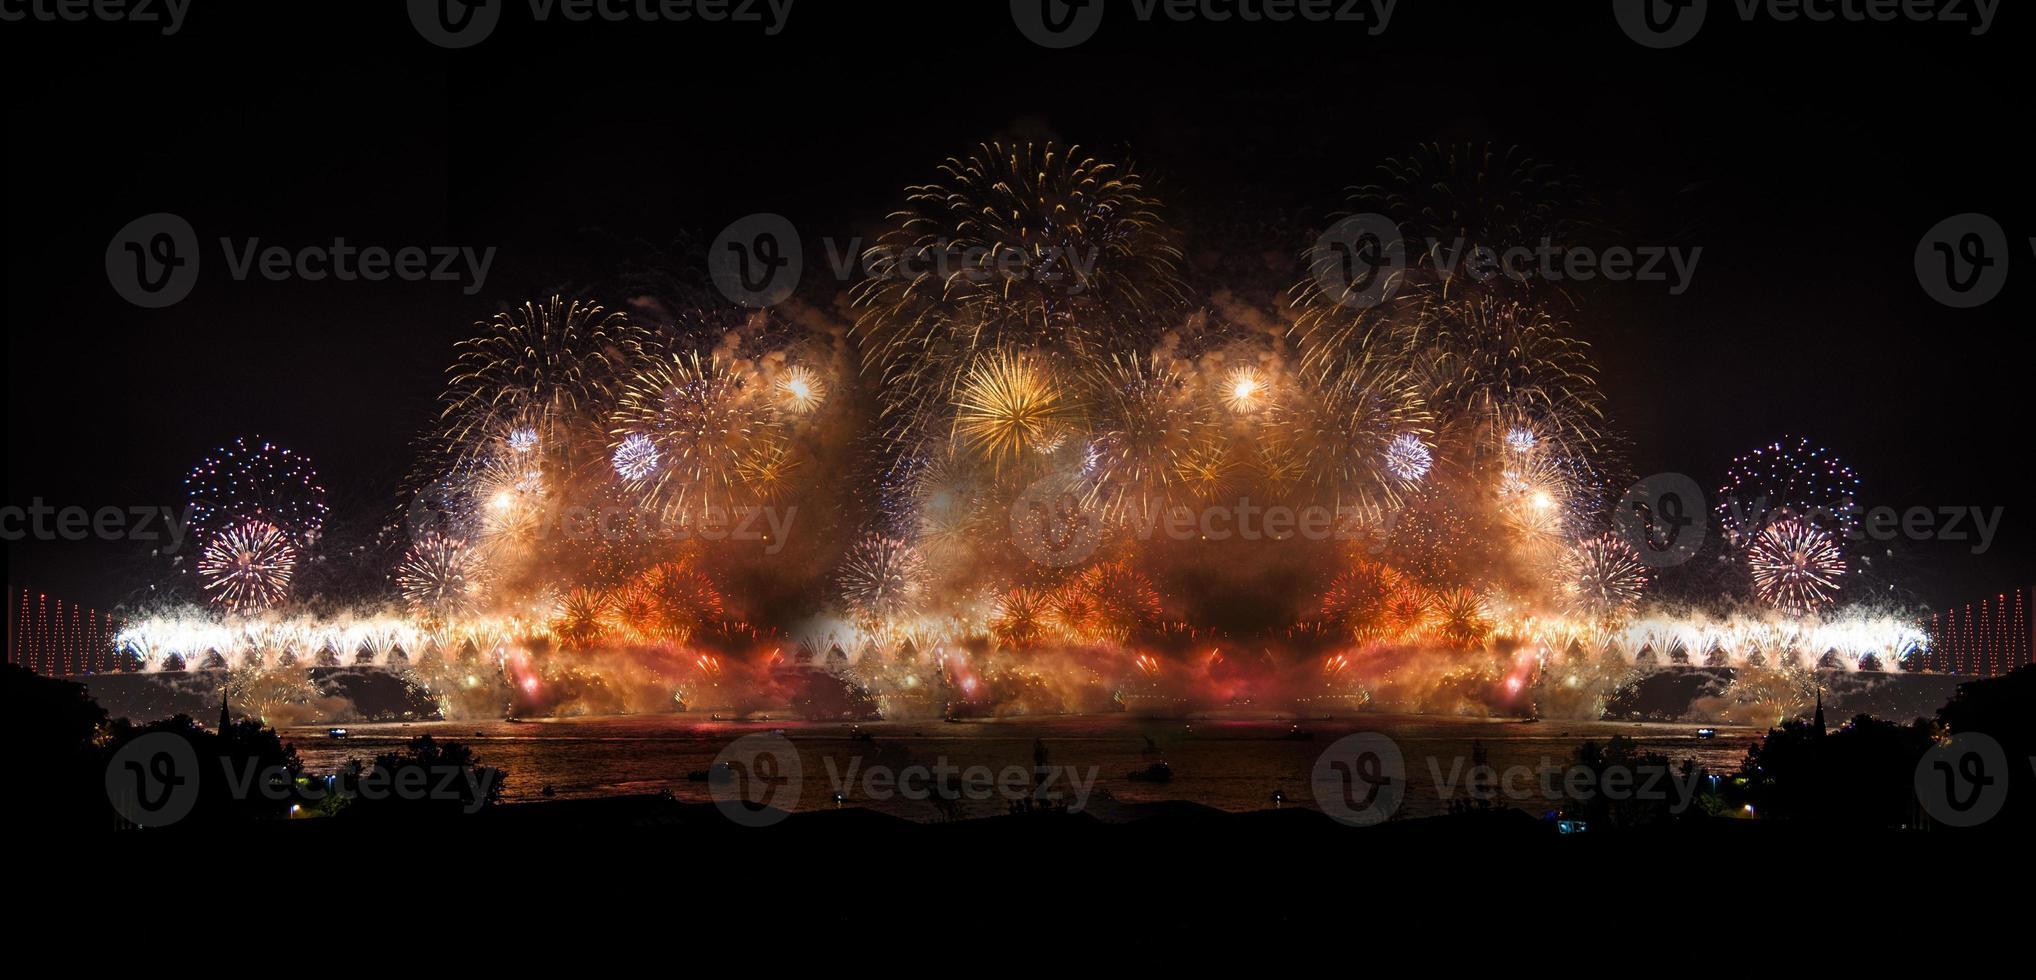 Celebration of the Turkish Republic Day and Bosphorus photo